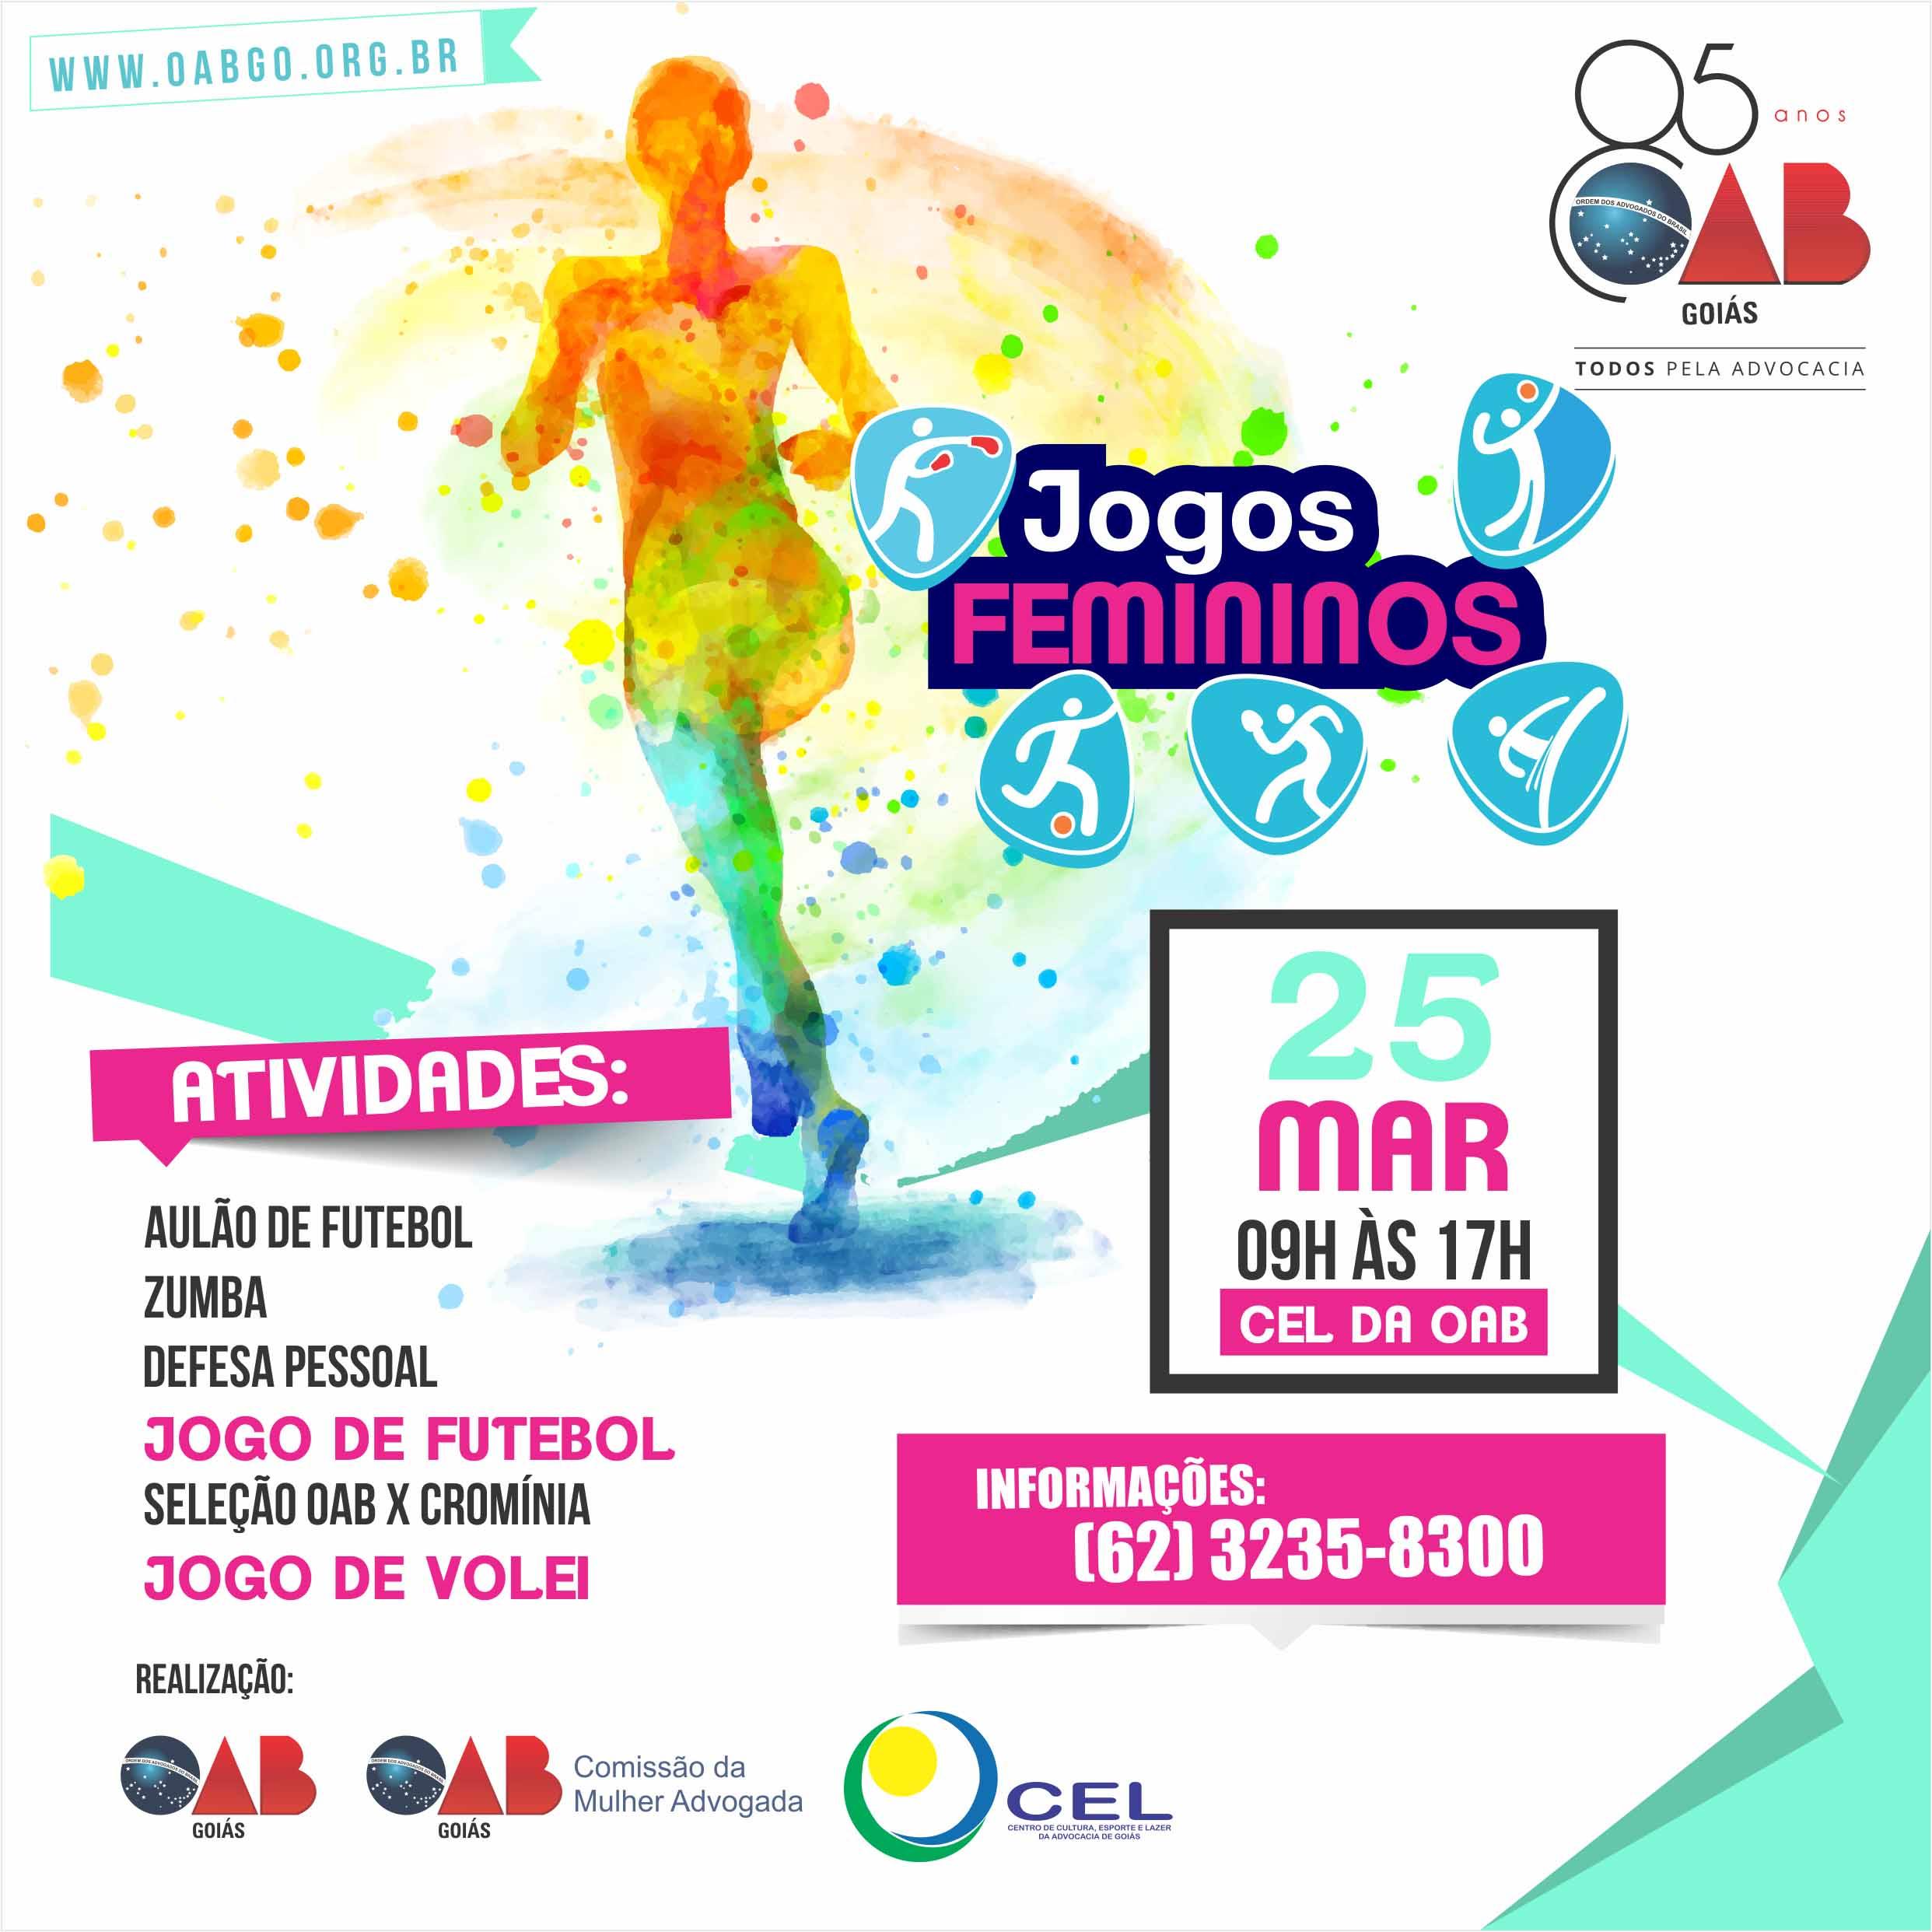 25.03 - Jogos Femininos